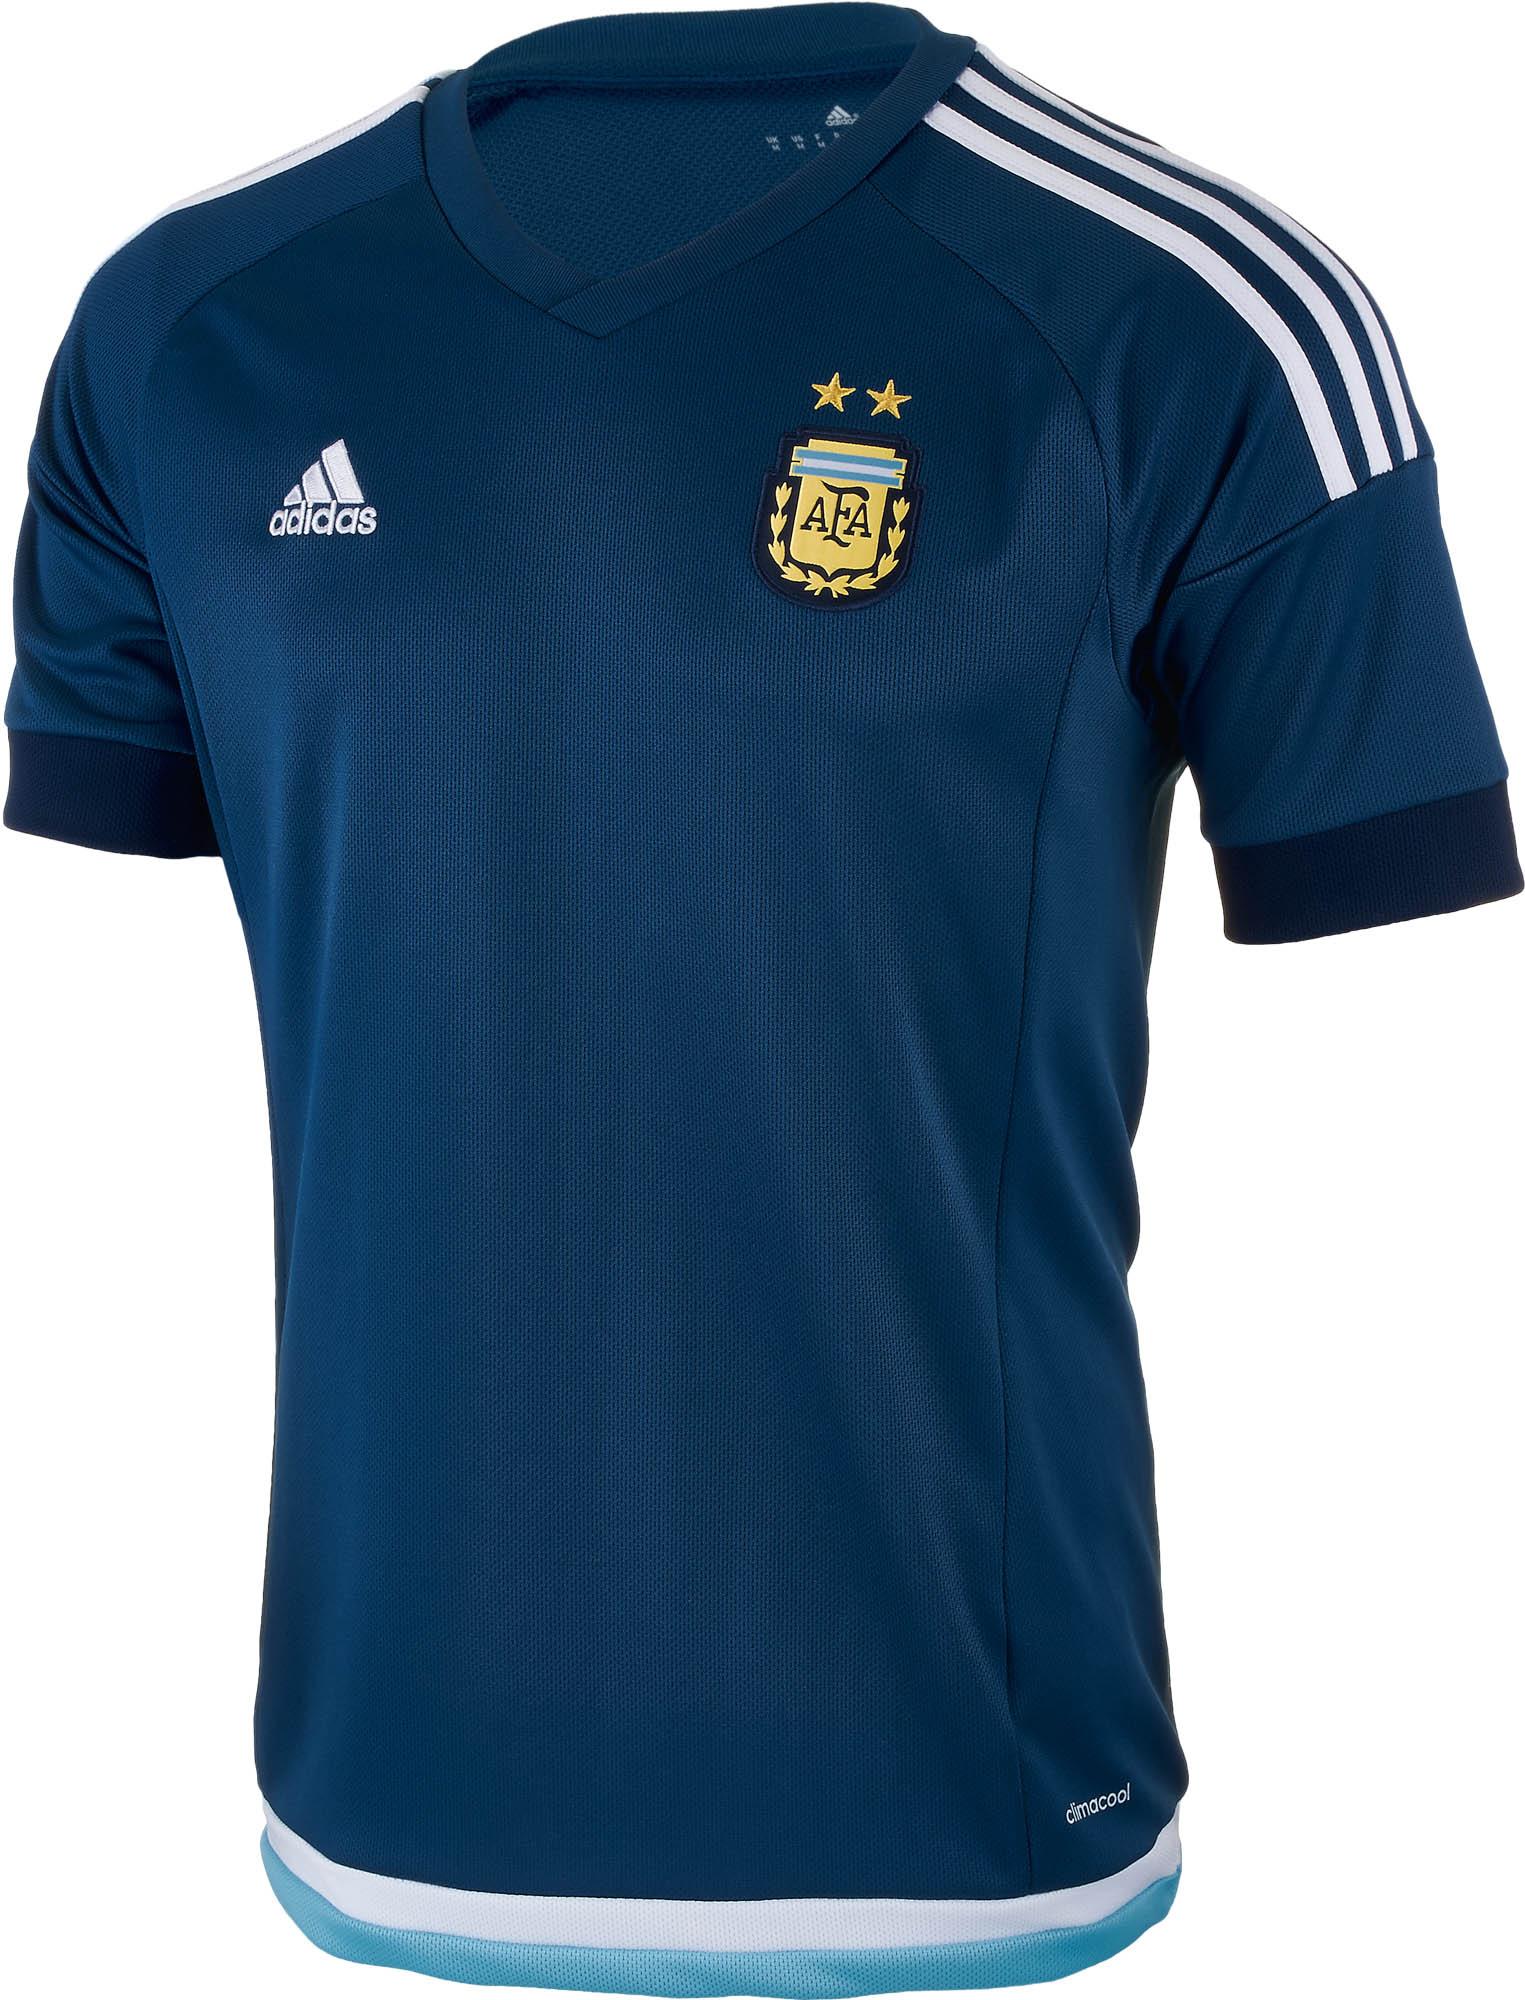 2015 adidas Argentina Away Jersey - Argentina Jerseys